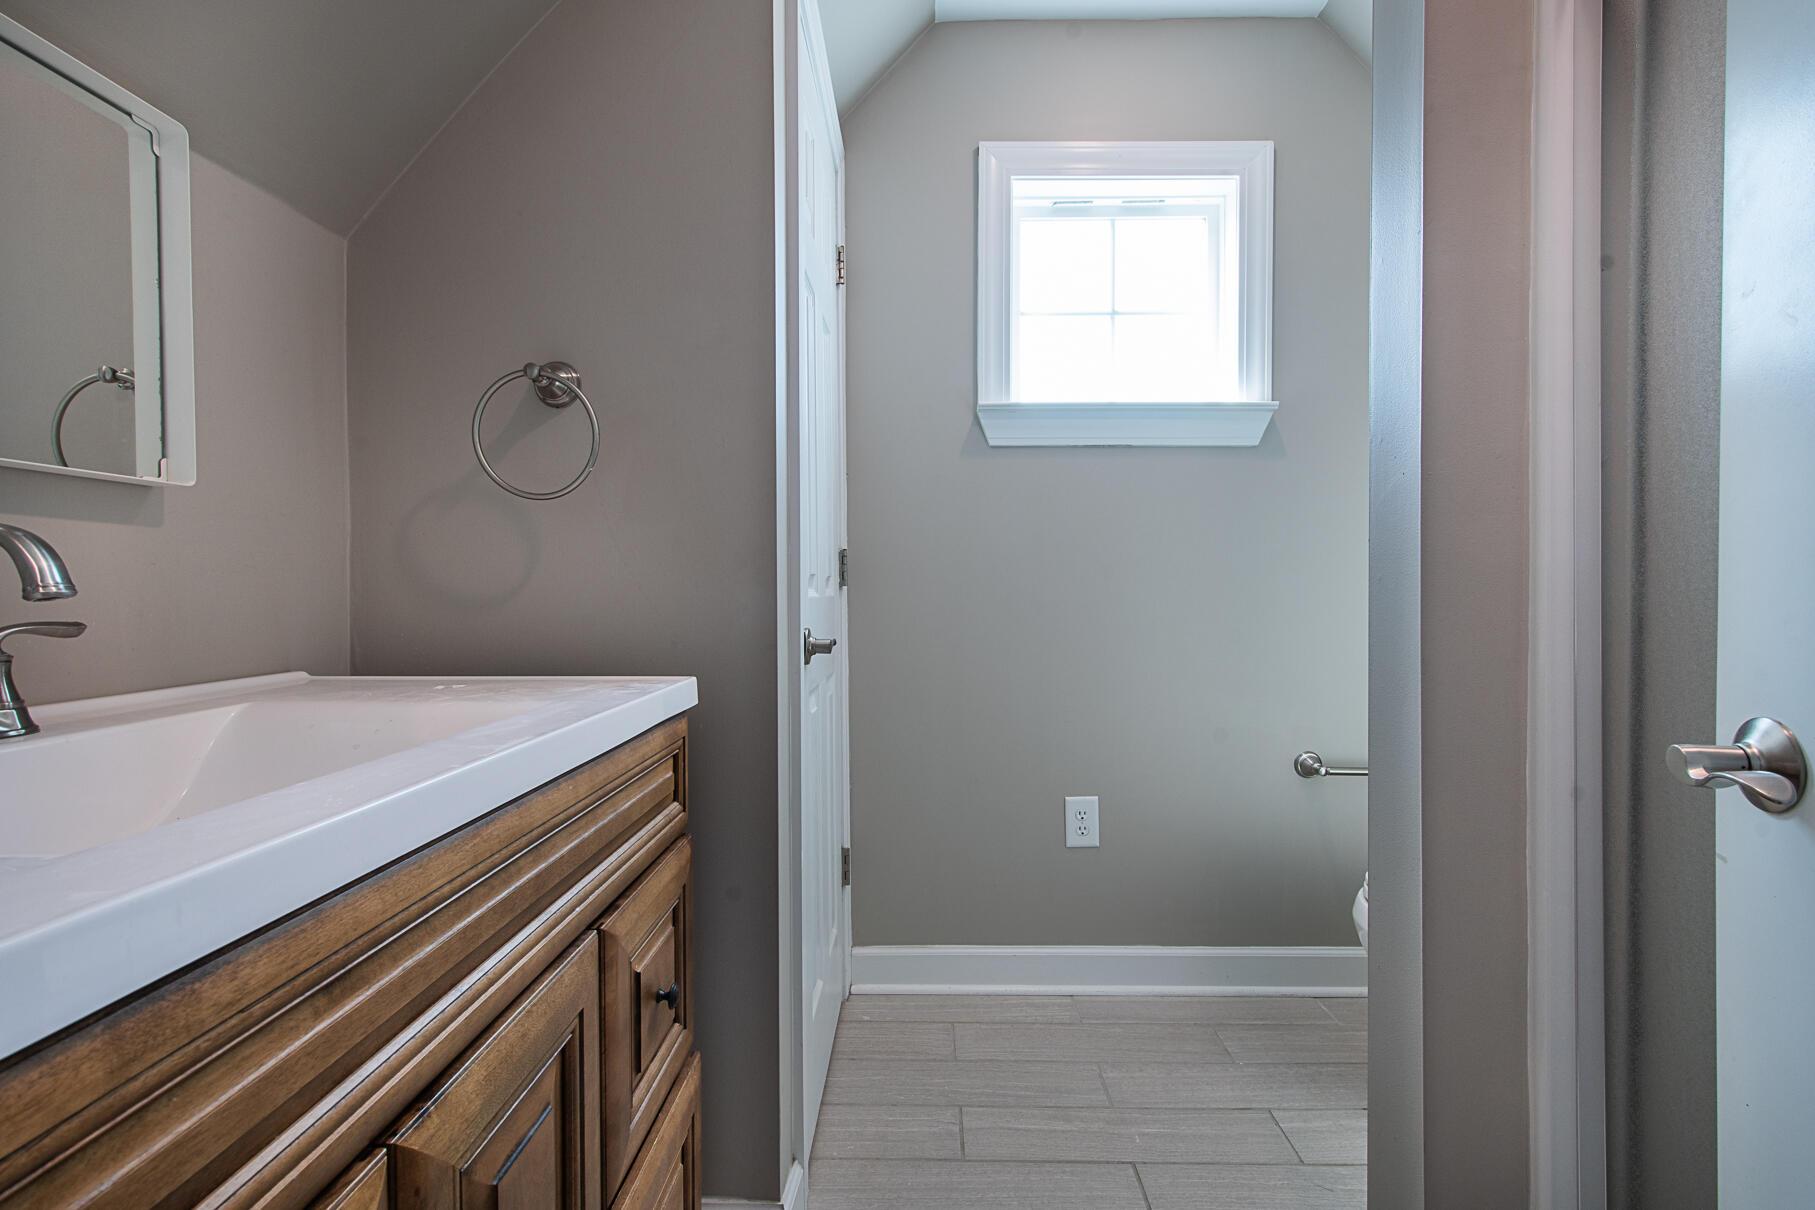 Dunes West Homes For Sale - 3059 Riverwood, Mount Pleasant, SC - 13